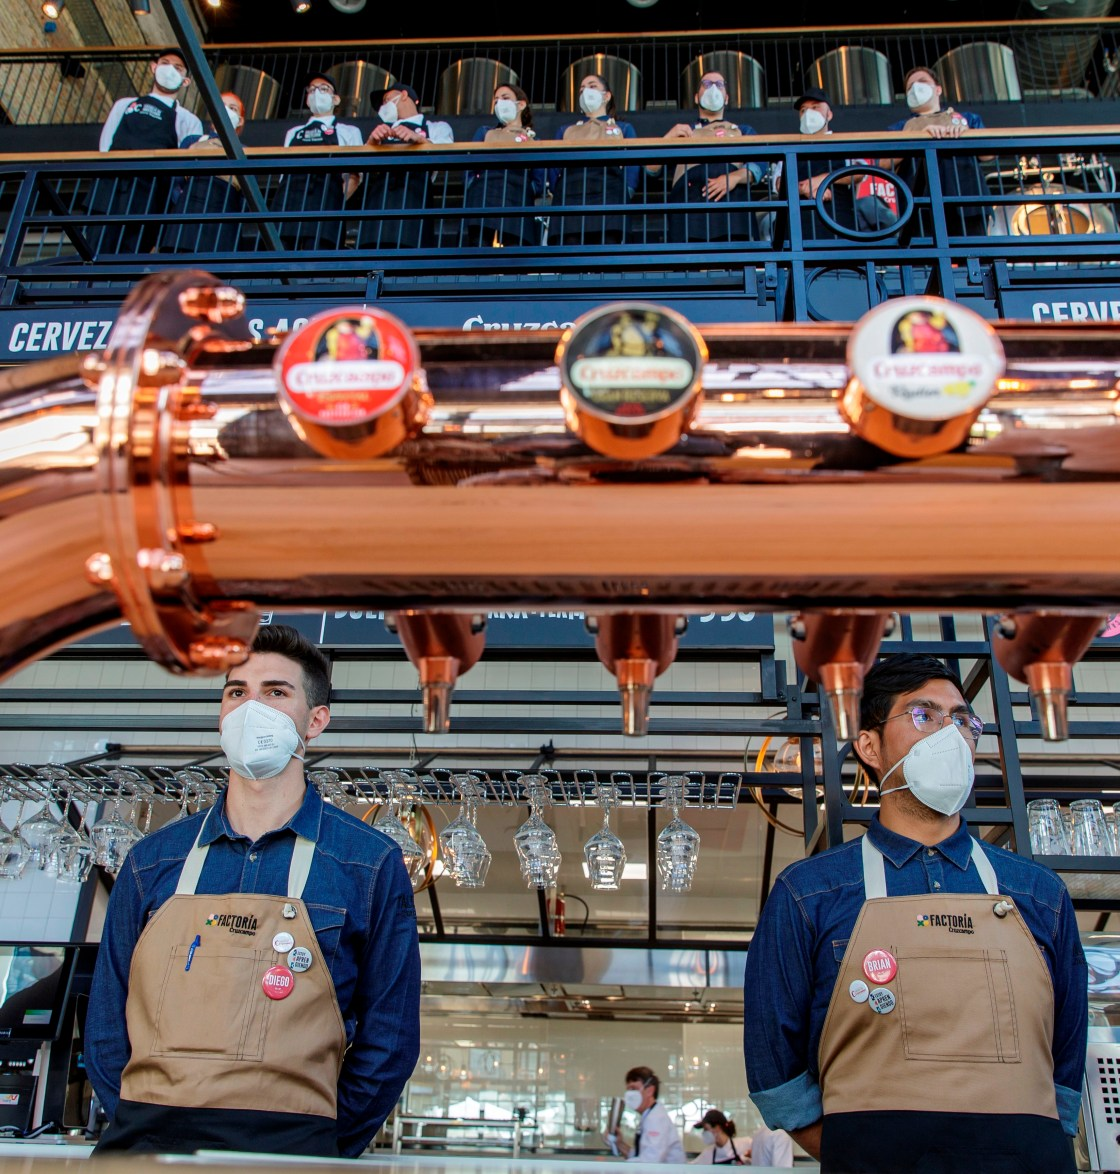 GRAF9552. SEVILLA, 30/05/2021.- Alumnos ante los grifos listos para dispensar cerveza recién salida del proceso artesanal en la Factoría Cruzcampo, donde la Fundación Cruzcampo ha reforzado su compromiso social con este proyecto, que se inaugurará en su antigua fábrica de Sevilla el 1 de junio, y con el que ofrece a jóvenes formación en hostelería y a la vez apoya este sector, muy golpeado por la crisis derivada de la covid-19. EFE/Julio Muñoz